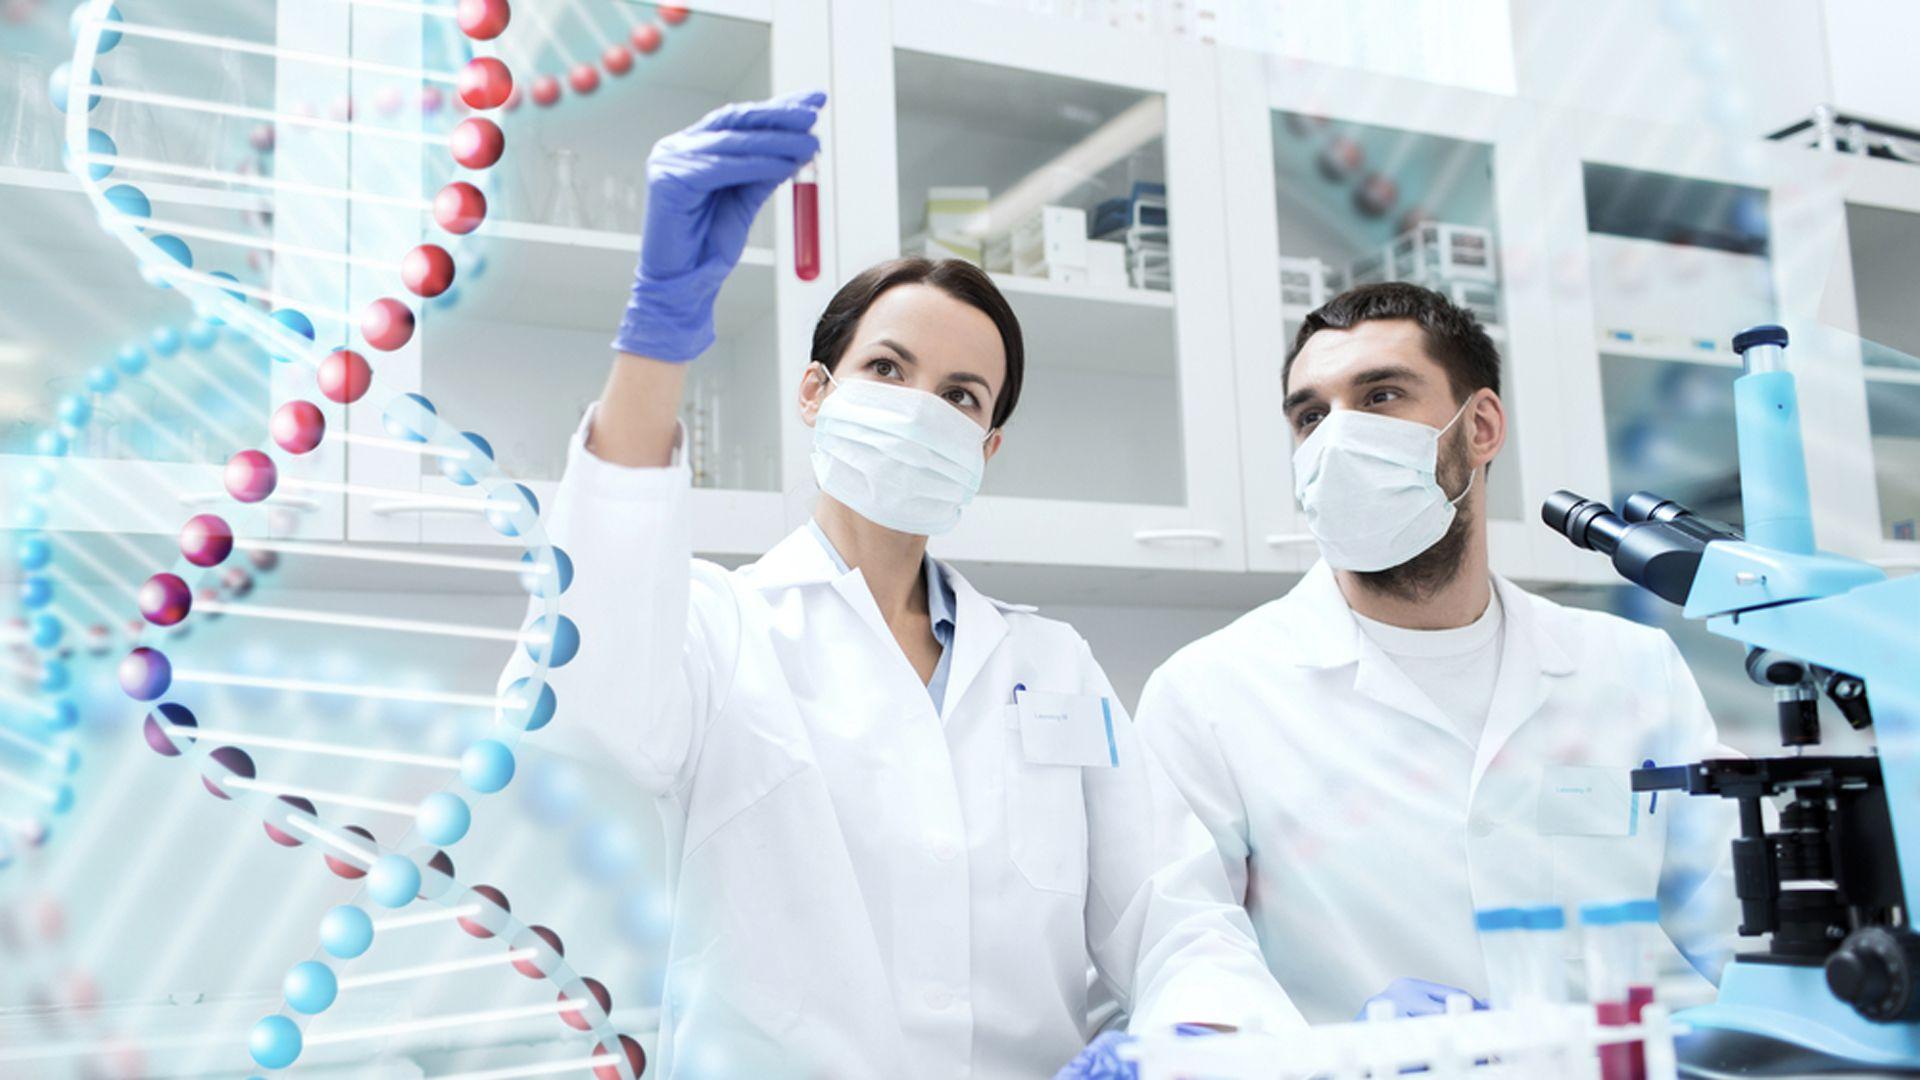 Las nuevas técnicas genéticas en medicina permitieron el desarrollo de estas innovadoras vacunas contra COVID-19 (Shutterstock)